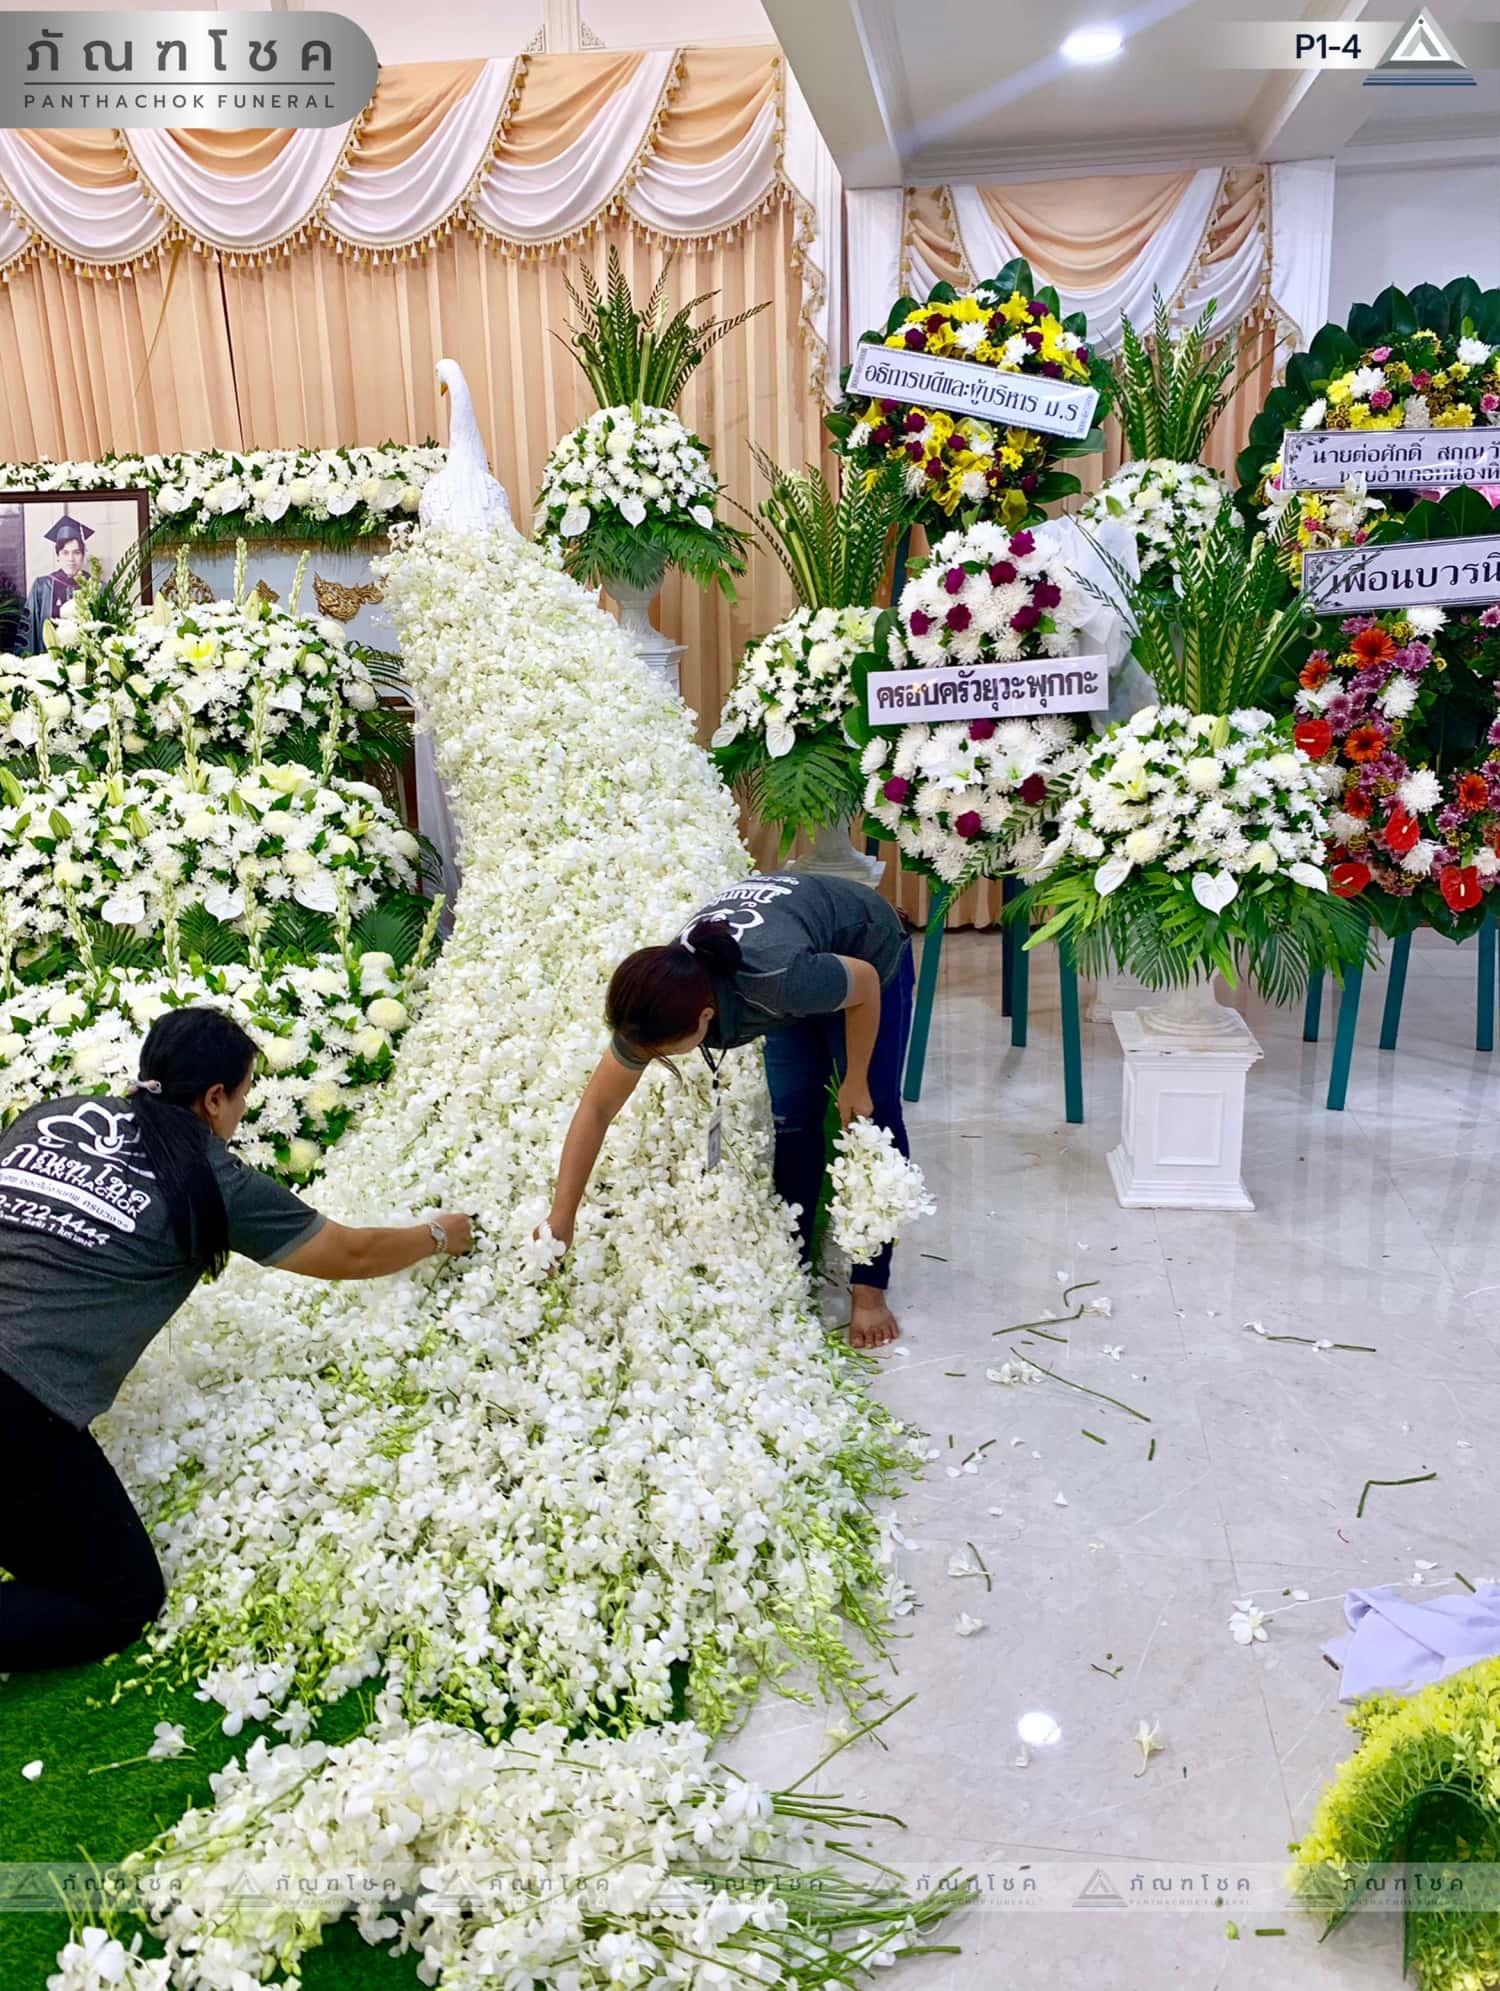 ดอกไม้หน้าศพ ชุด P1-4 80